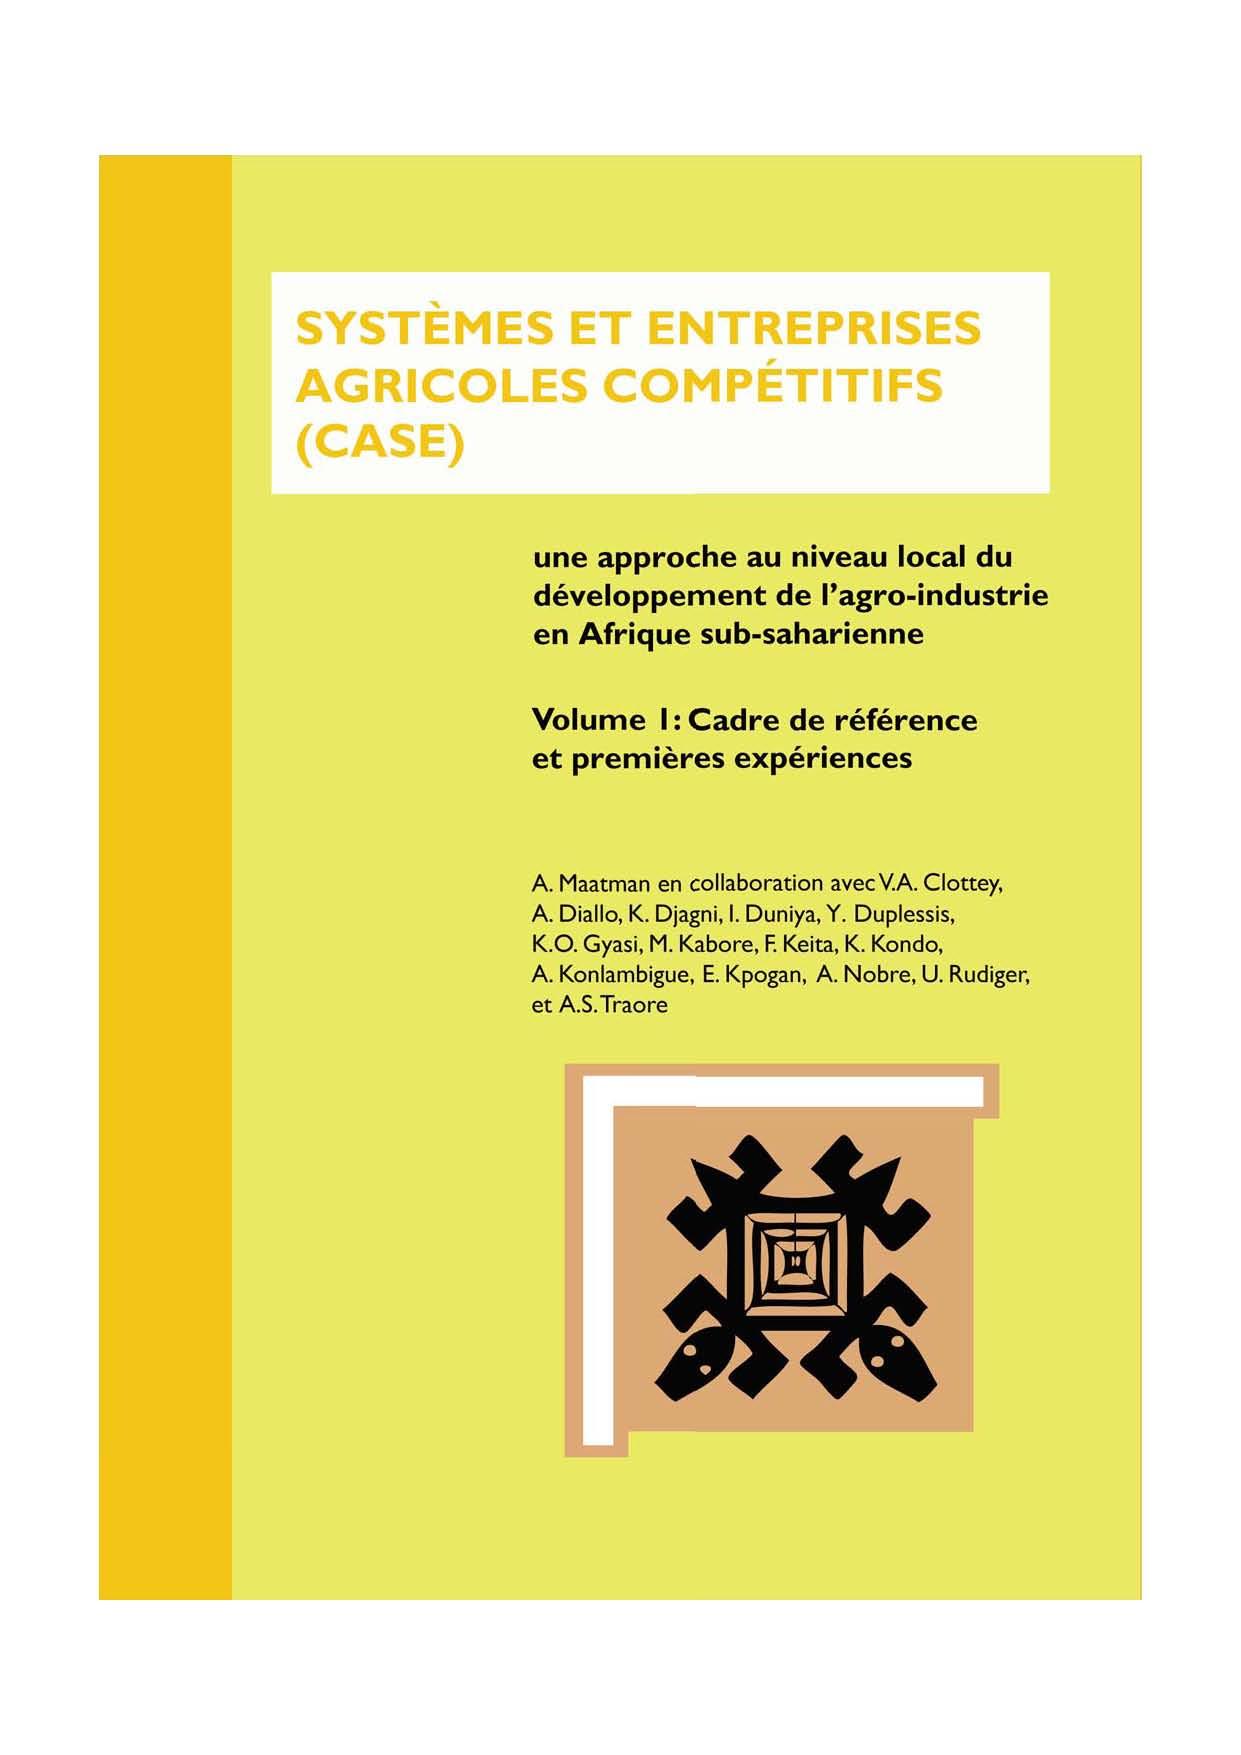 L'approche CASE : Systèmes et entreprises agricoles compétitifs (CASE)